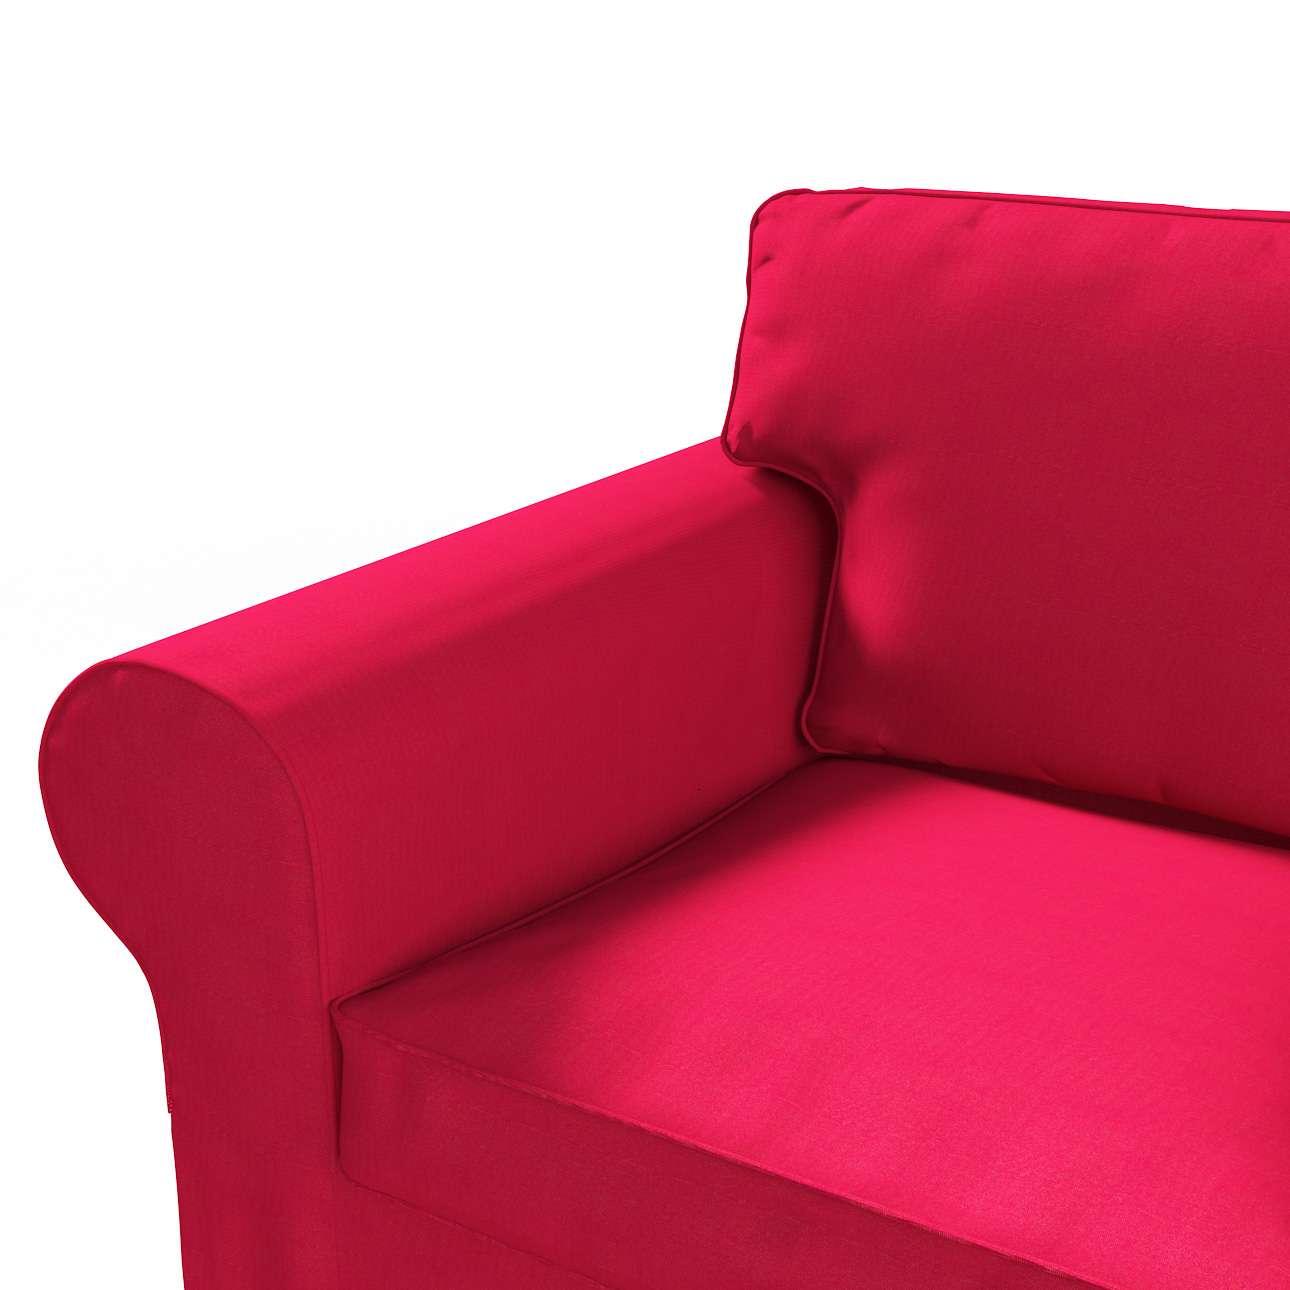 Ektorp 2-Sitzer Sofabezug nicht ausklappbar Sofabezug für  Ektorp 2-Sitzer nicht ausklappbar von der Kollektion Etna, Stoff: 705-60